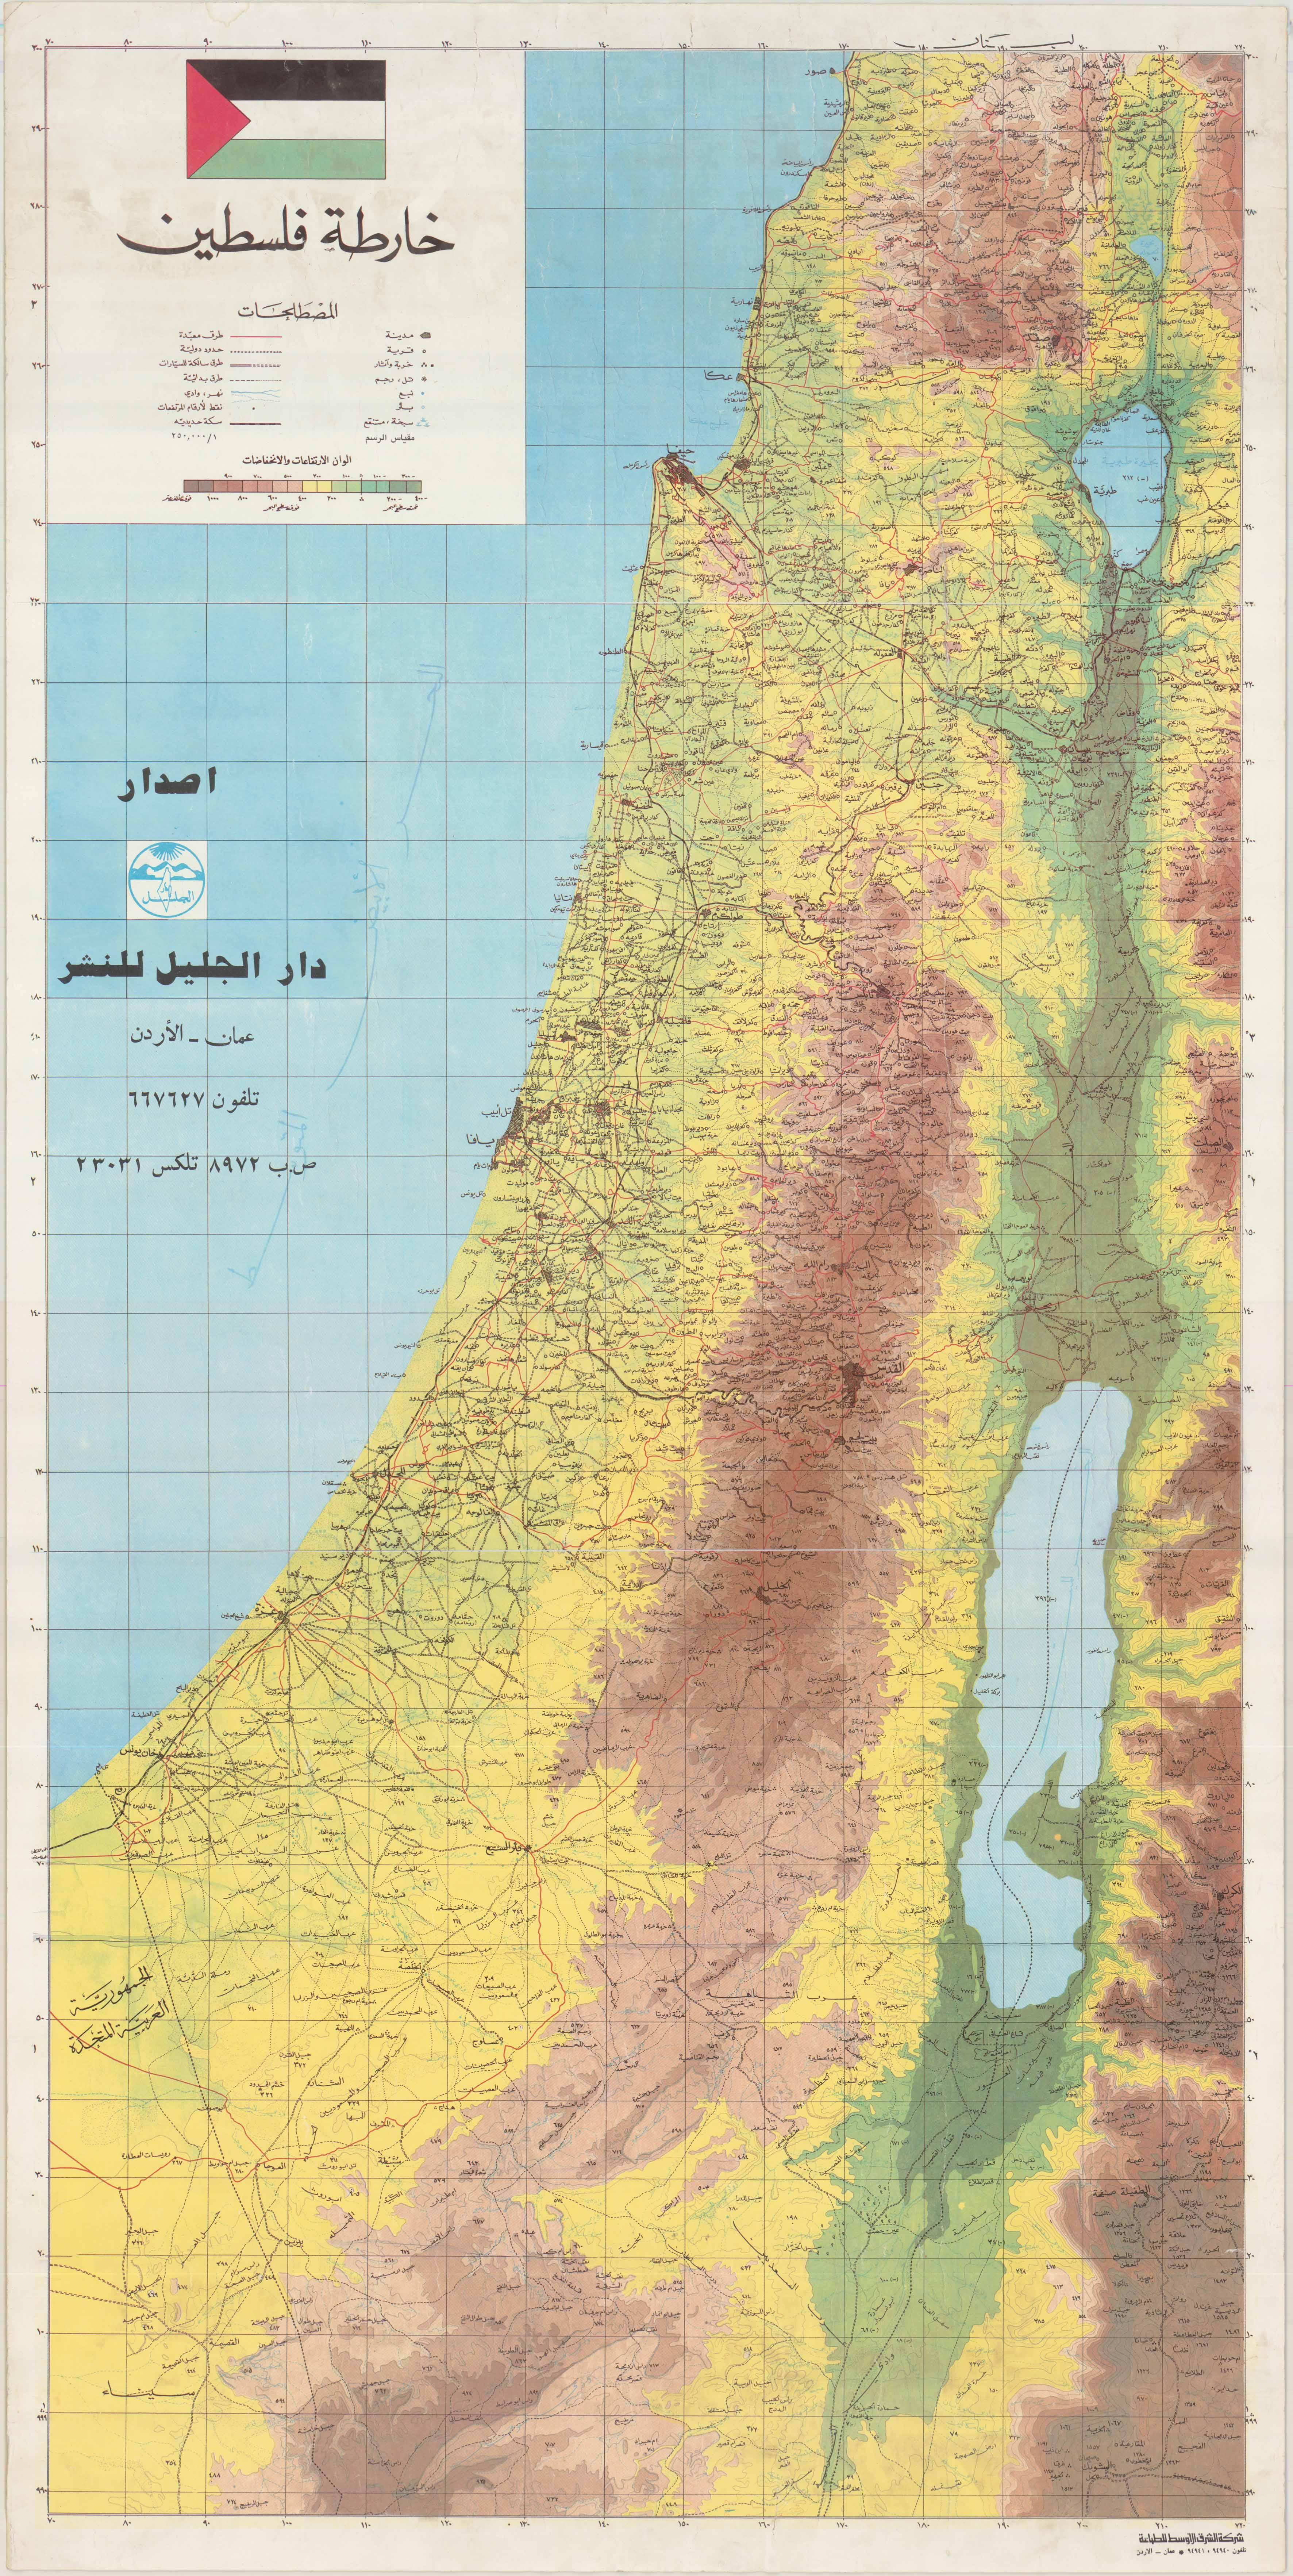 خريطة فلسطين مفصلة بكافة القرى